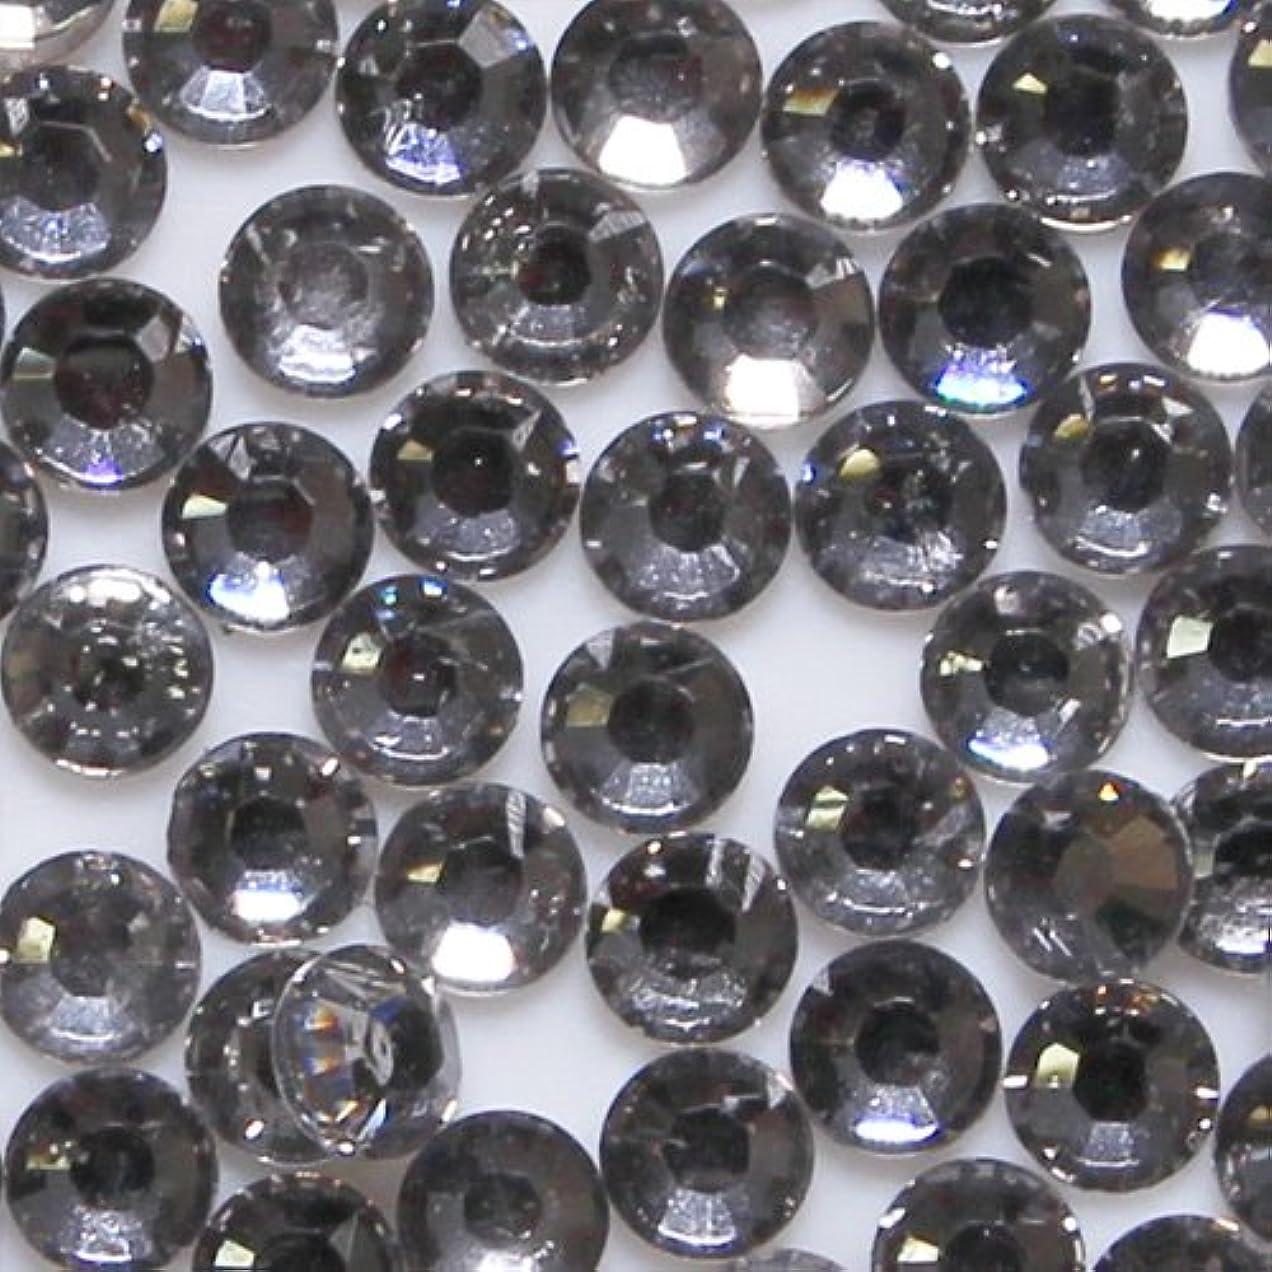 支払う近代化ロシア高品質 アクリルストーン ラインストーン ラウンドフラット 約1000粒入り 3mm ブラックダイヤモンド